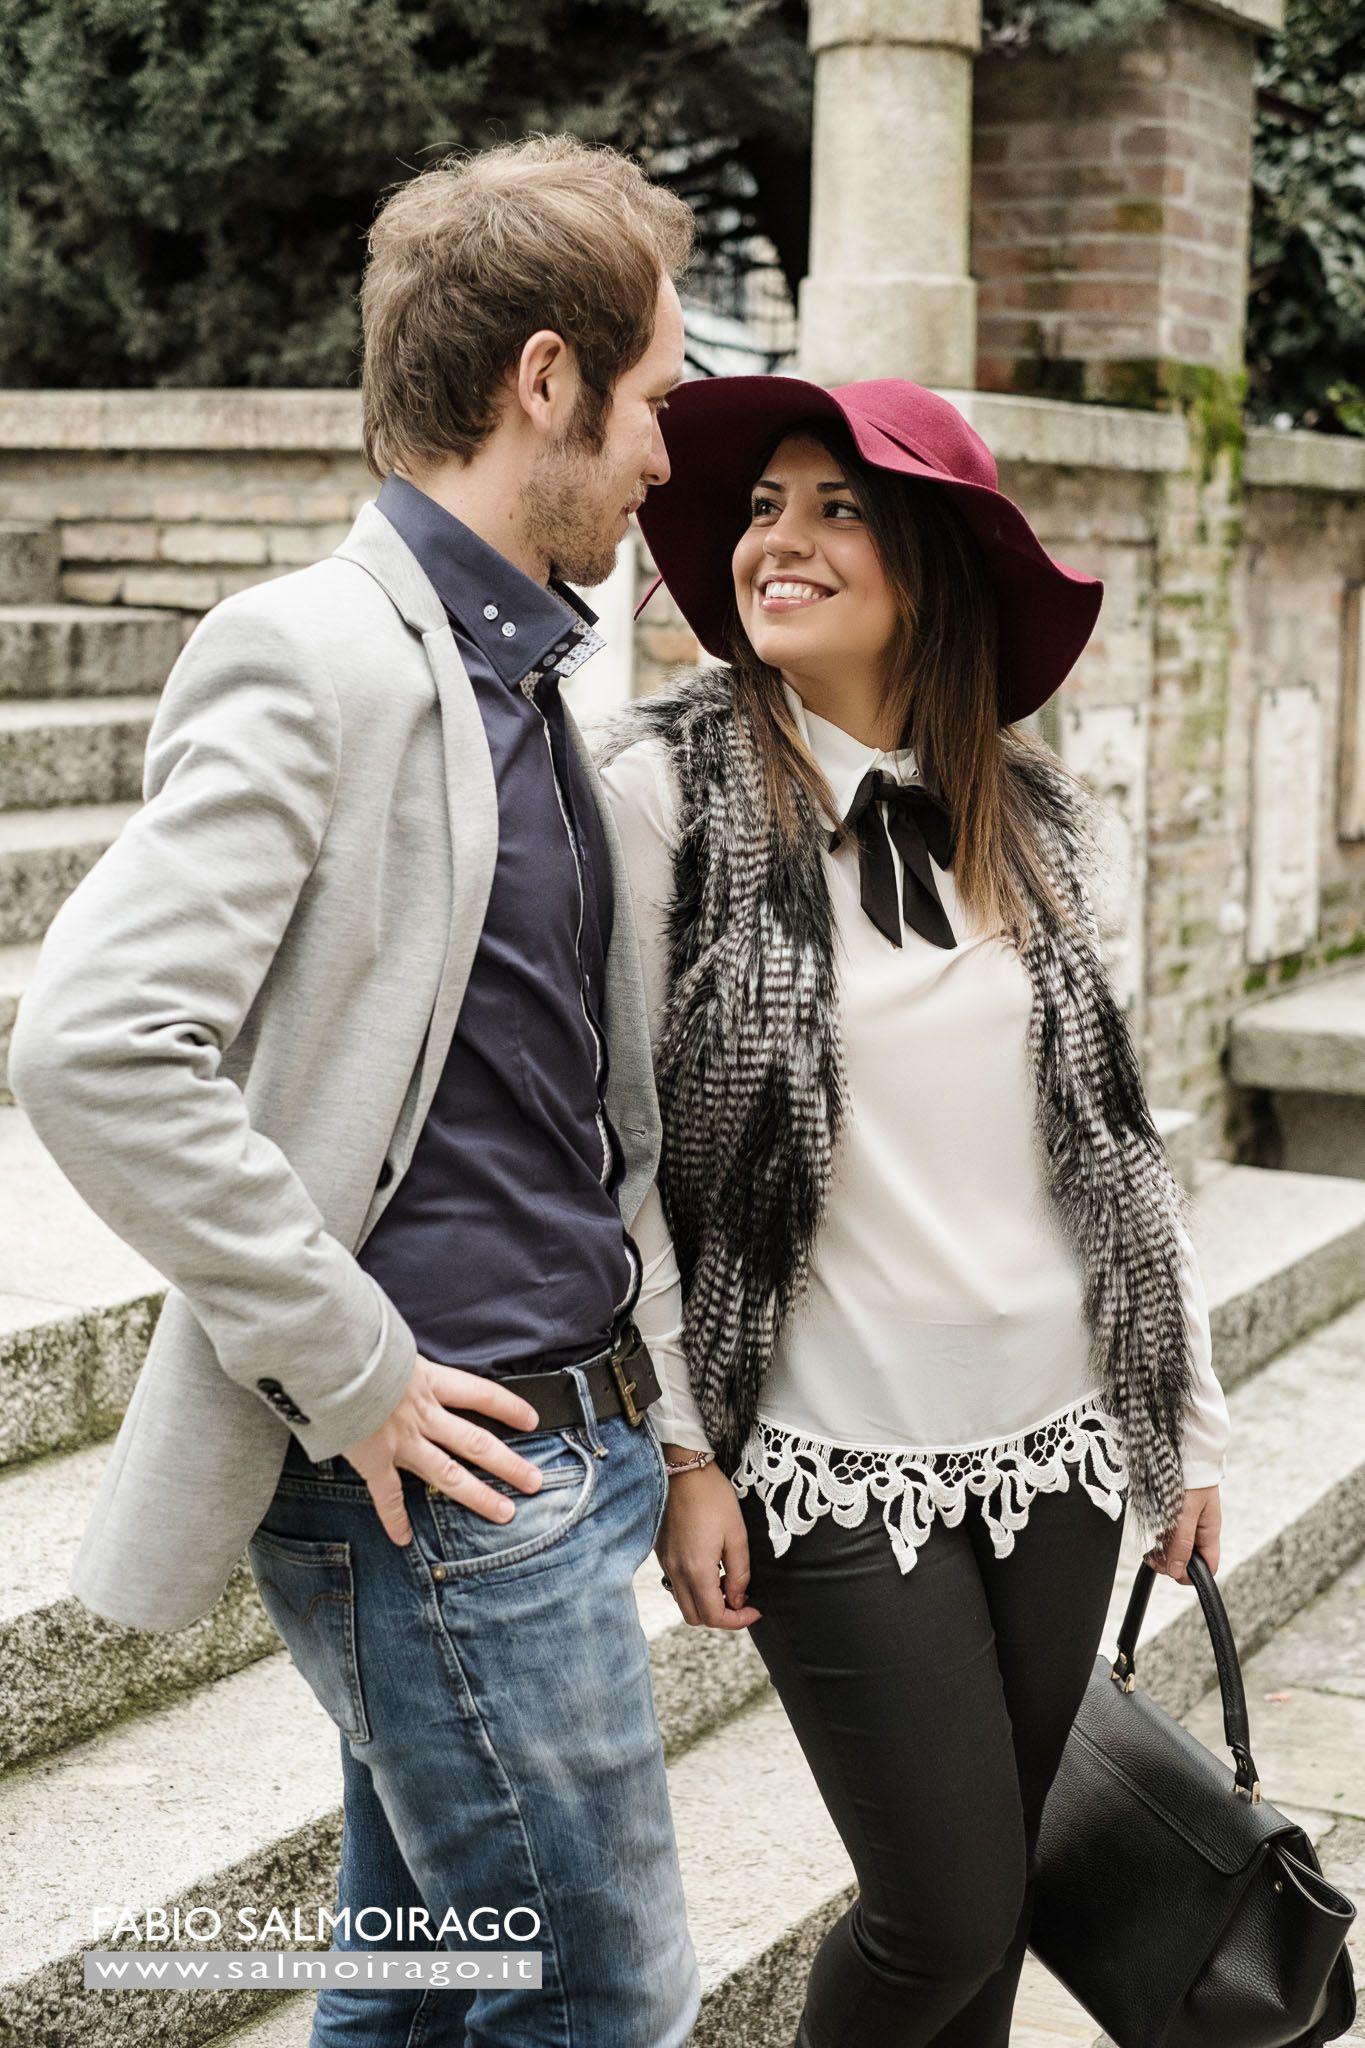 Erica & Alessio - Engagement